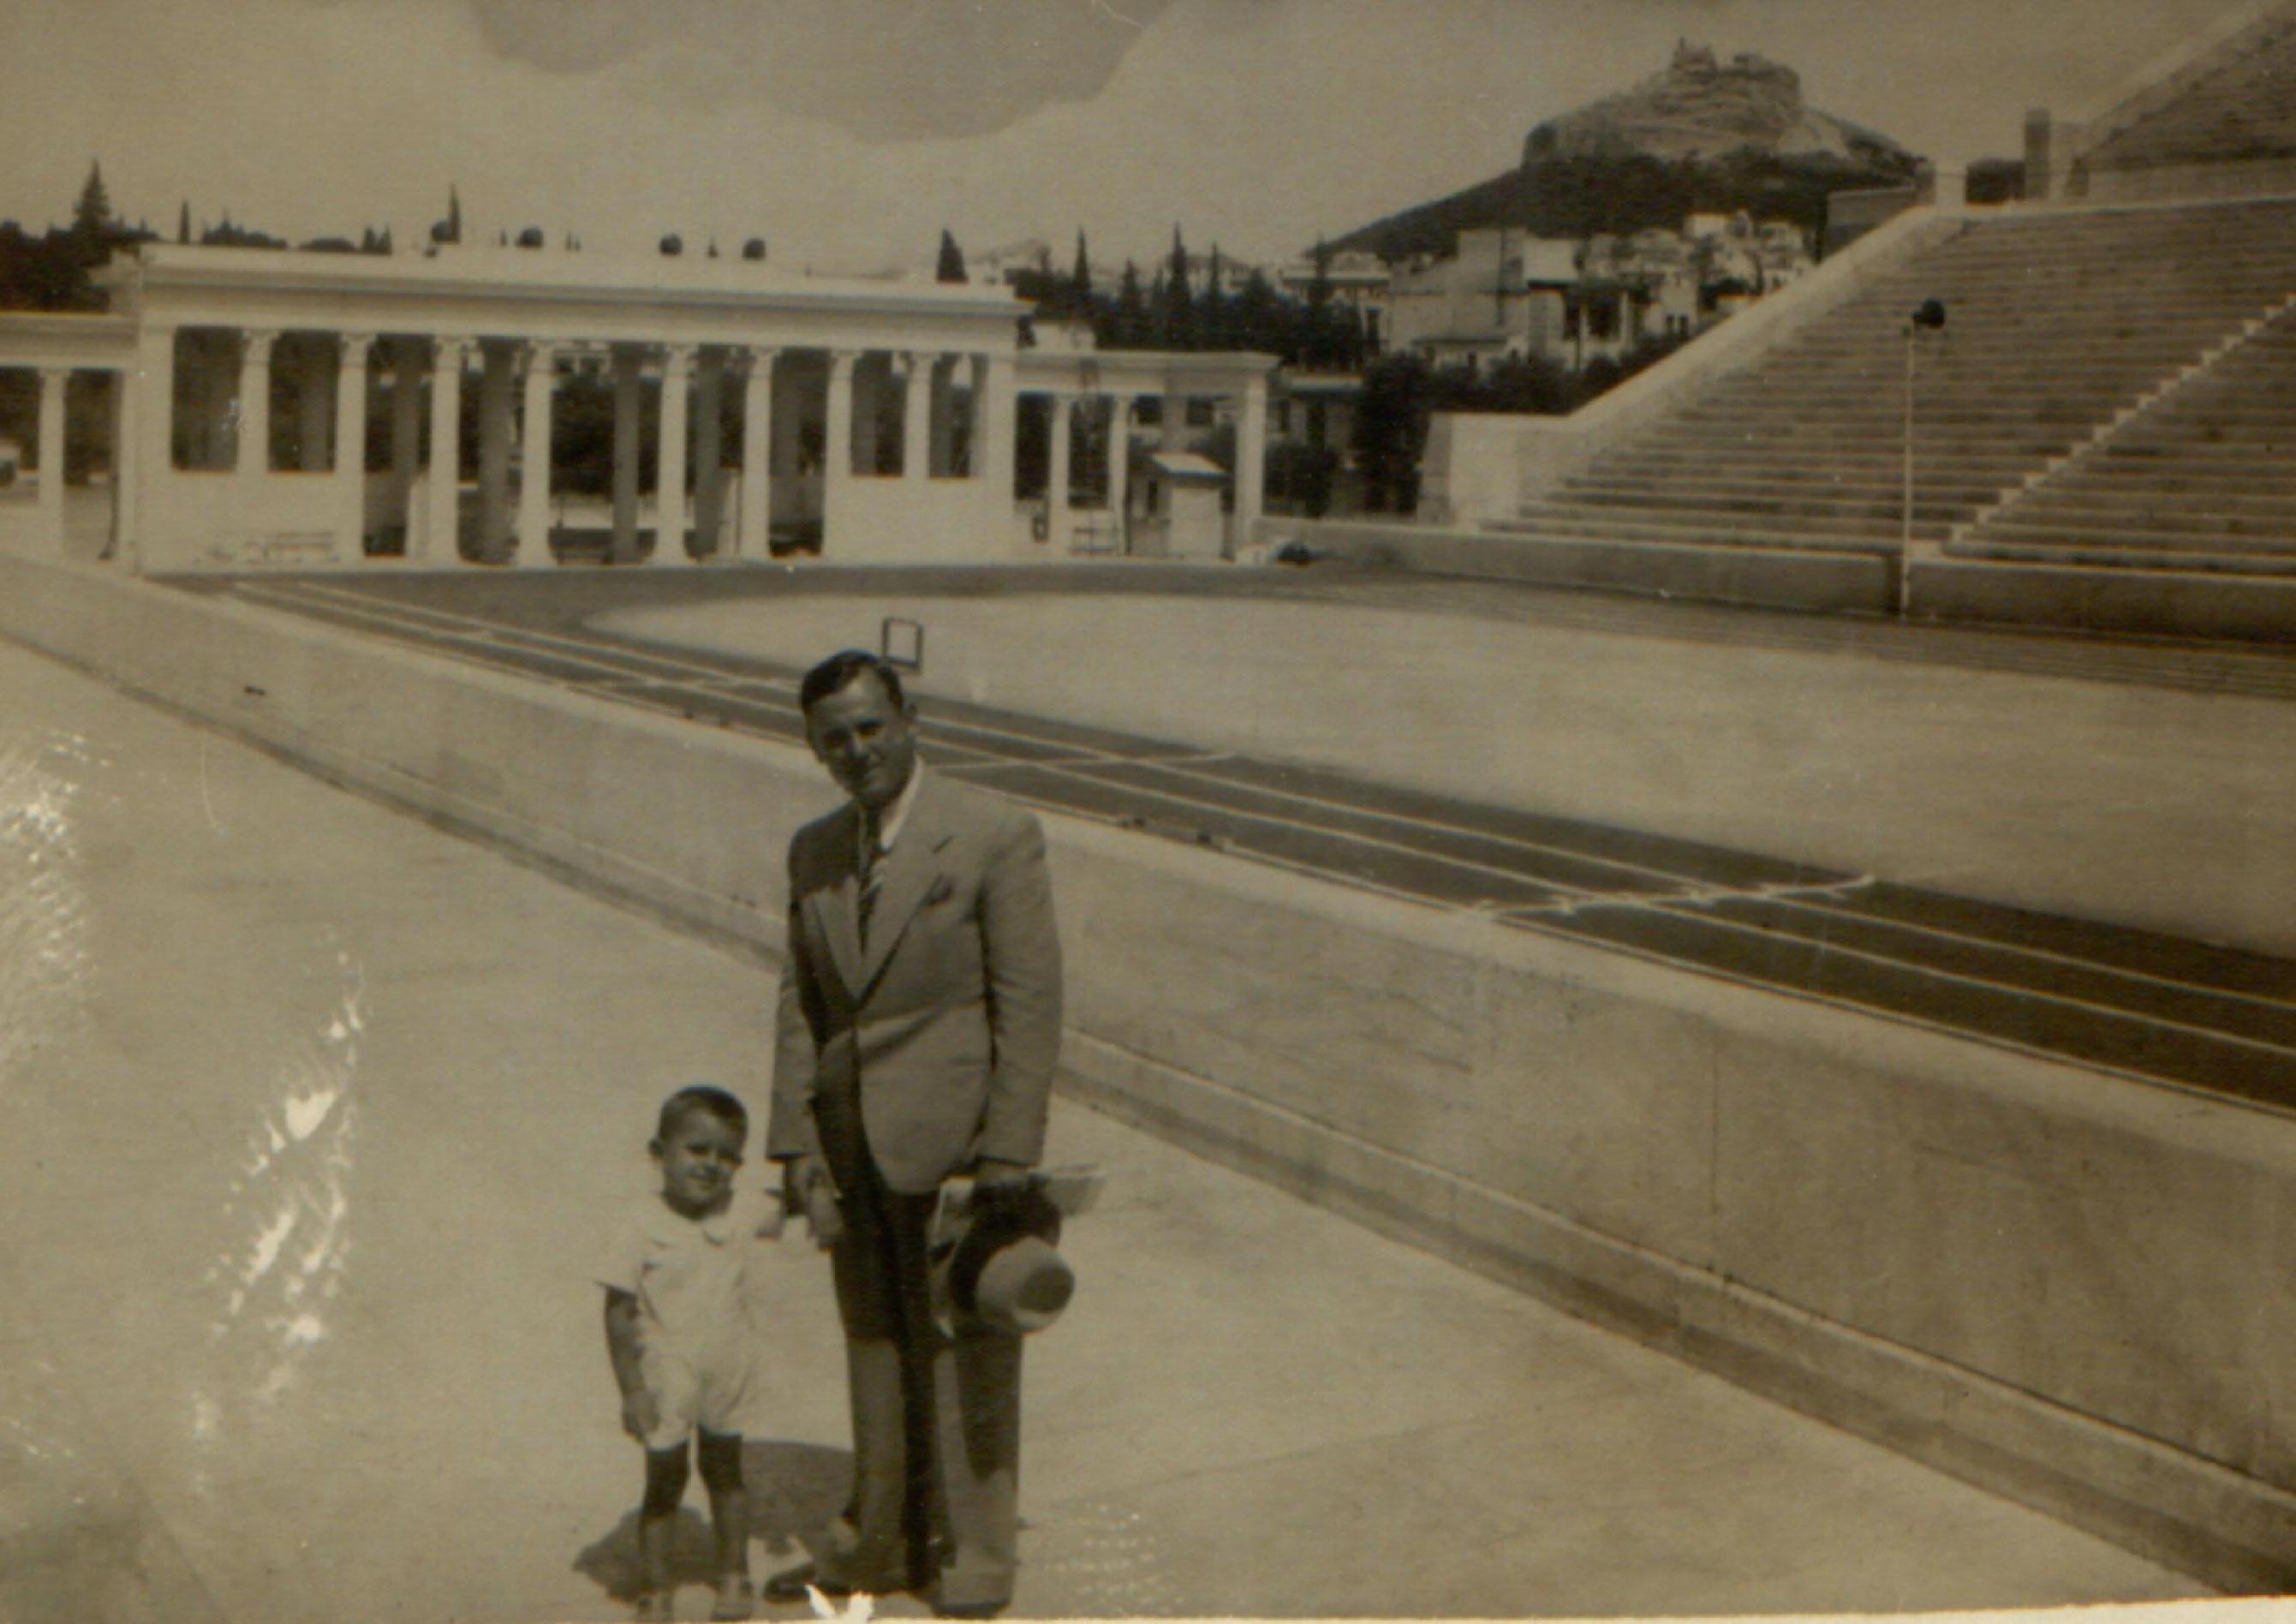 Ο πατέρας και ο παππούς μου στο Παναθηναϊκό Στάδιο. Τότε υπήρχαν Προπύλαια με αρχαία αγάλματα – αντίγραφα του Πραξιτέλη και μπροστά περνούσε ο Ιλισός ποταμός. Γιατί τα γκρέμισαν